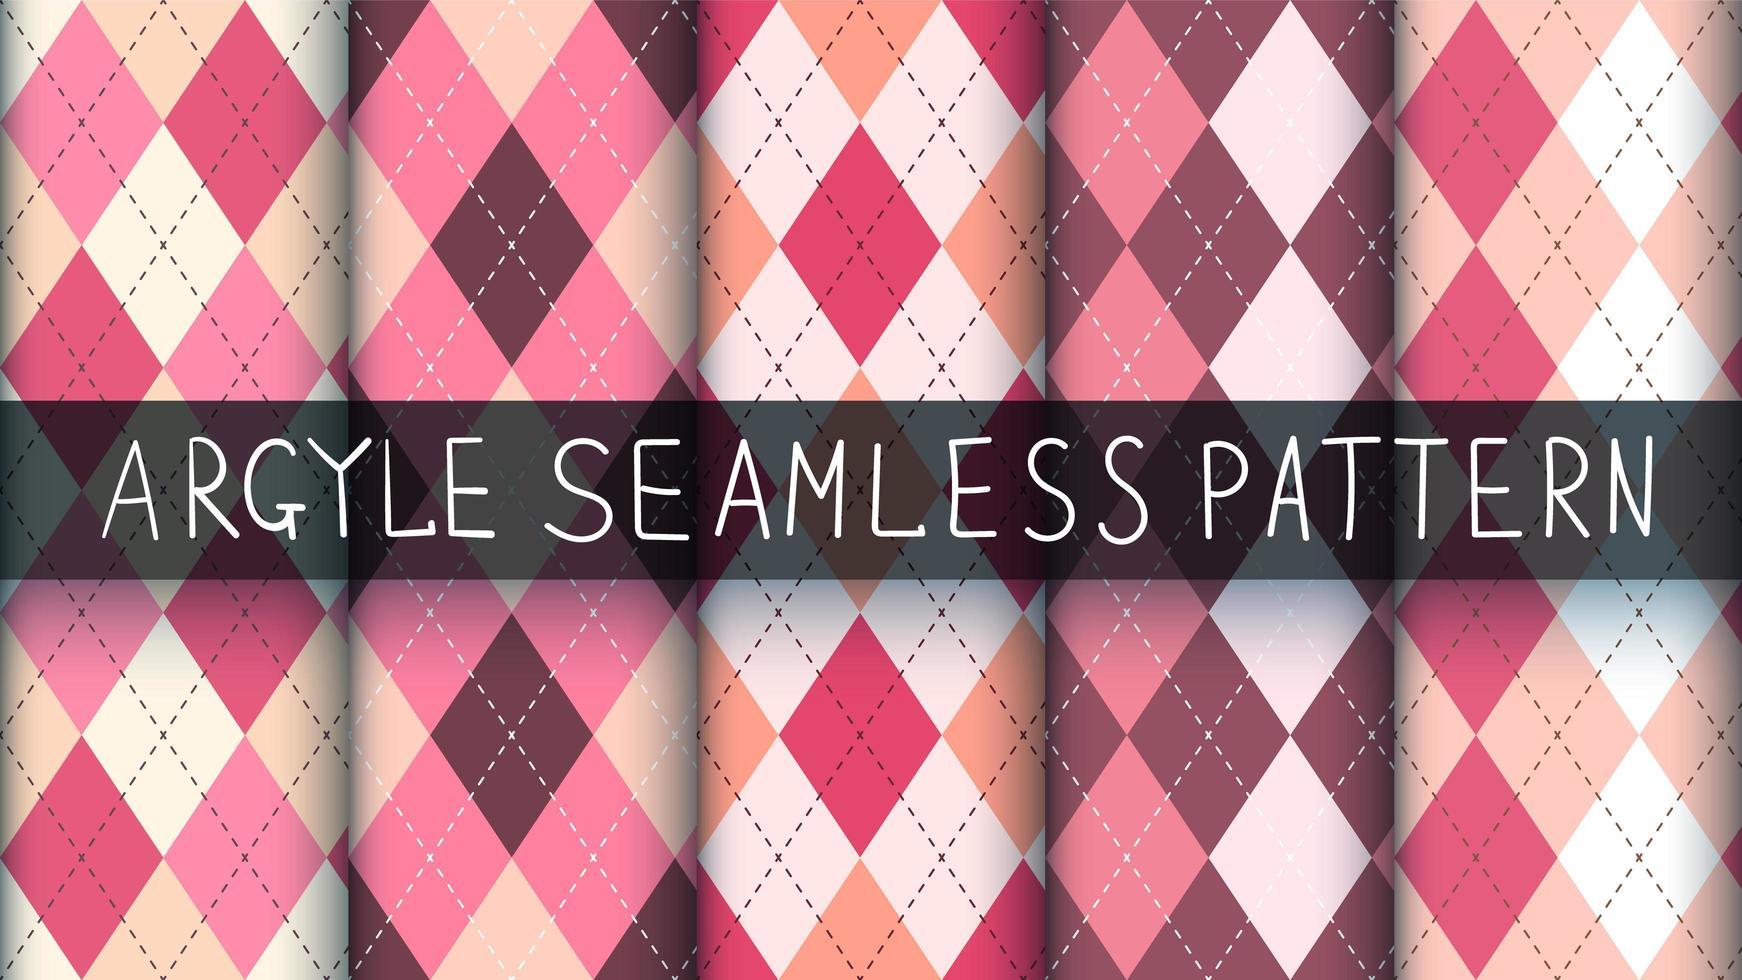 Conjunto de patrones de tartán, rombos y cuadros rosas sin costura vector